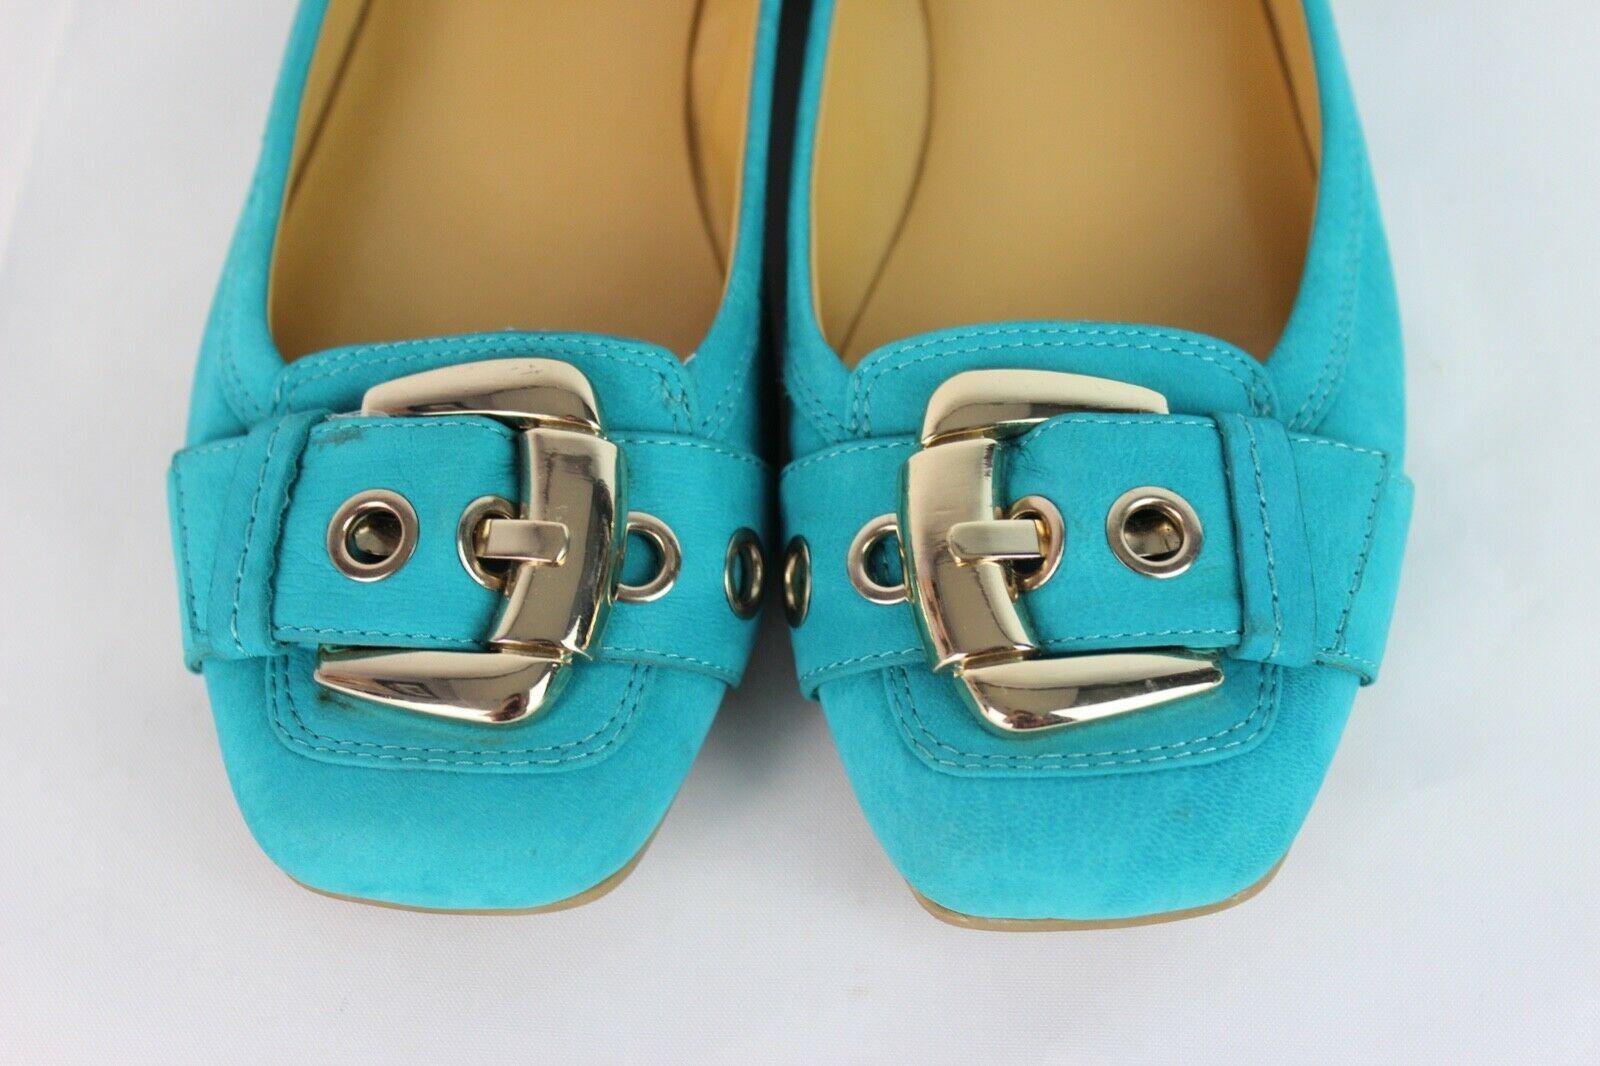 Nine West à Pois Femmes Chaussures Ballerines Plates Cuir Supérieur Taille US 7M